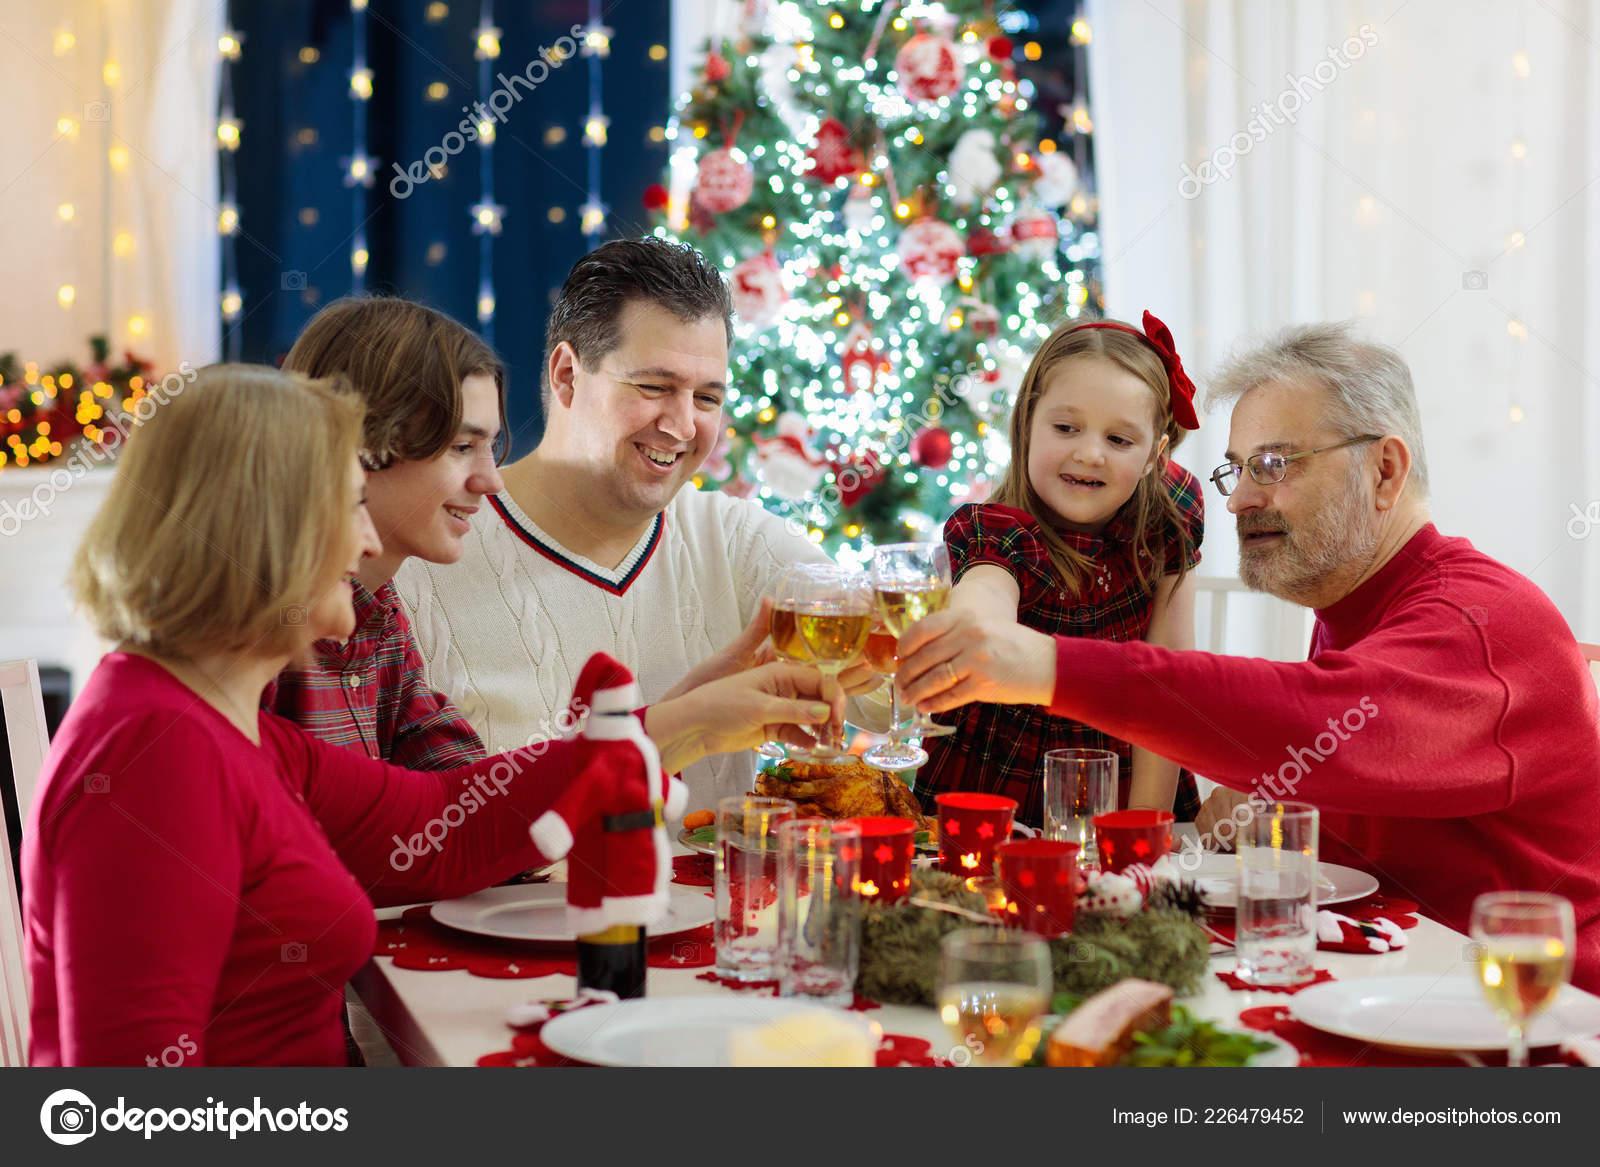 Weihnachtsbaum Kaufen Essen.Familie Mit Kindern Essen Weihnachten Abendessen Kamin Und